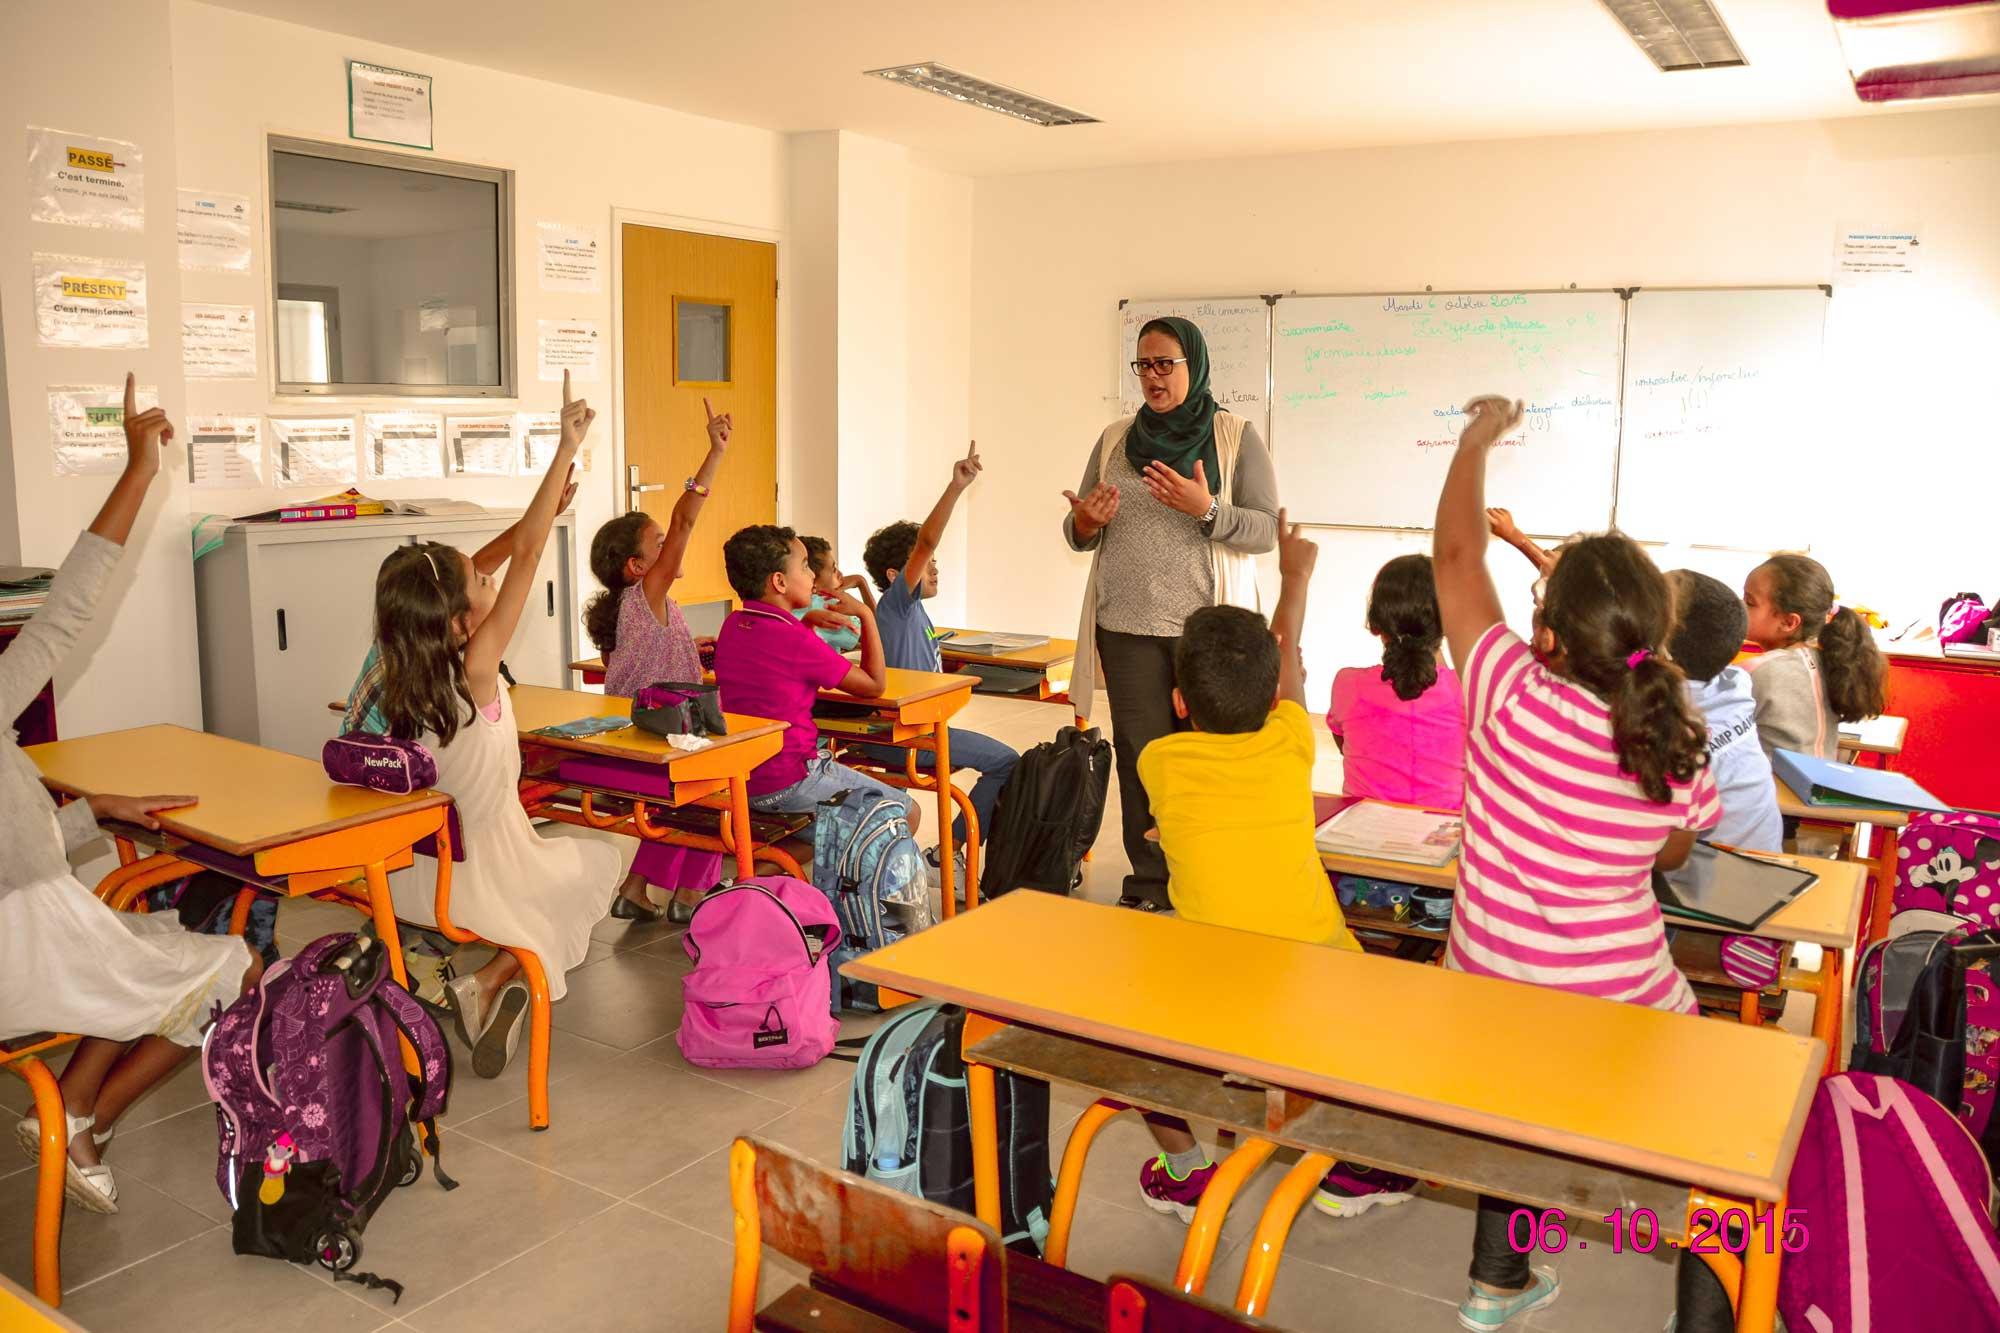 وزارة التعليم: استمارة اختيار التعليم الحضوري لا تقتضي تصحيح الامضاء والمصادقة عليها